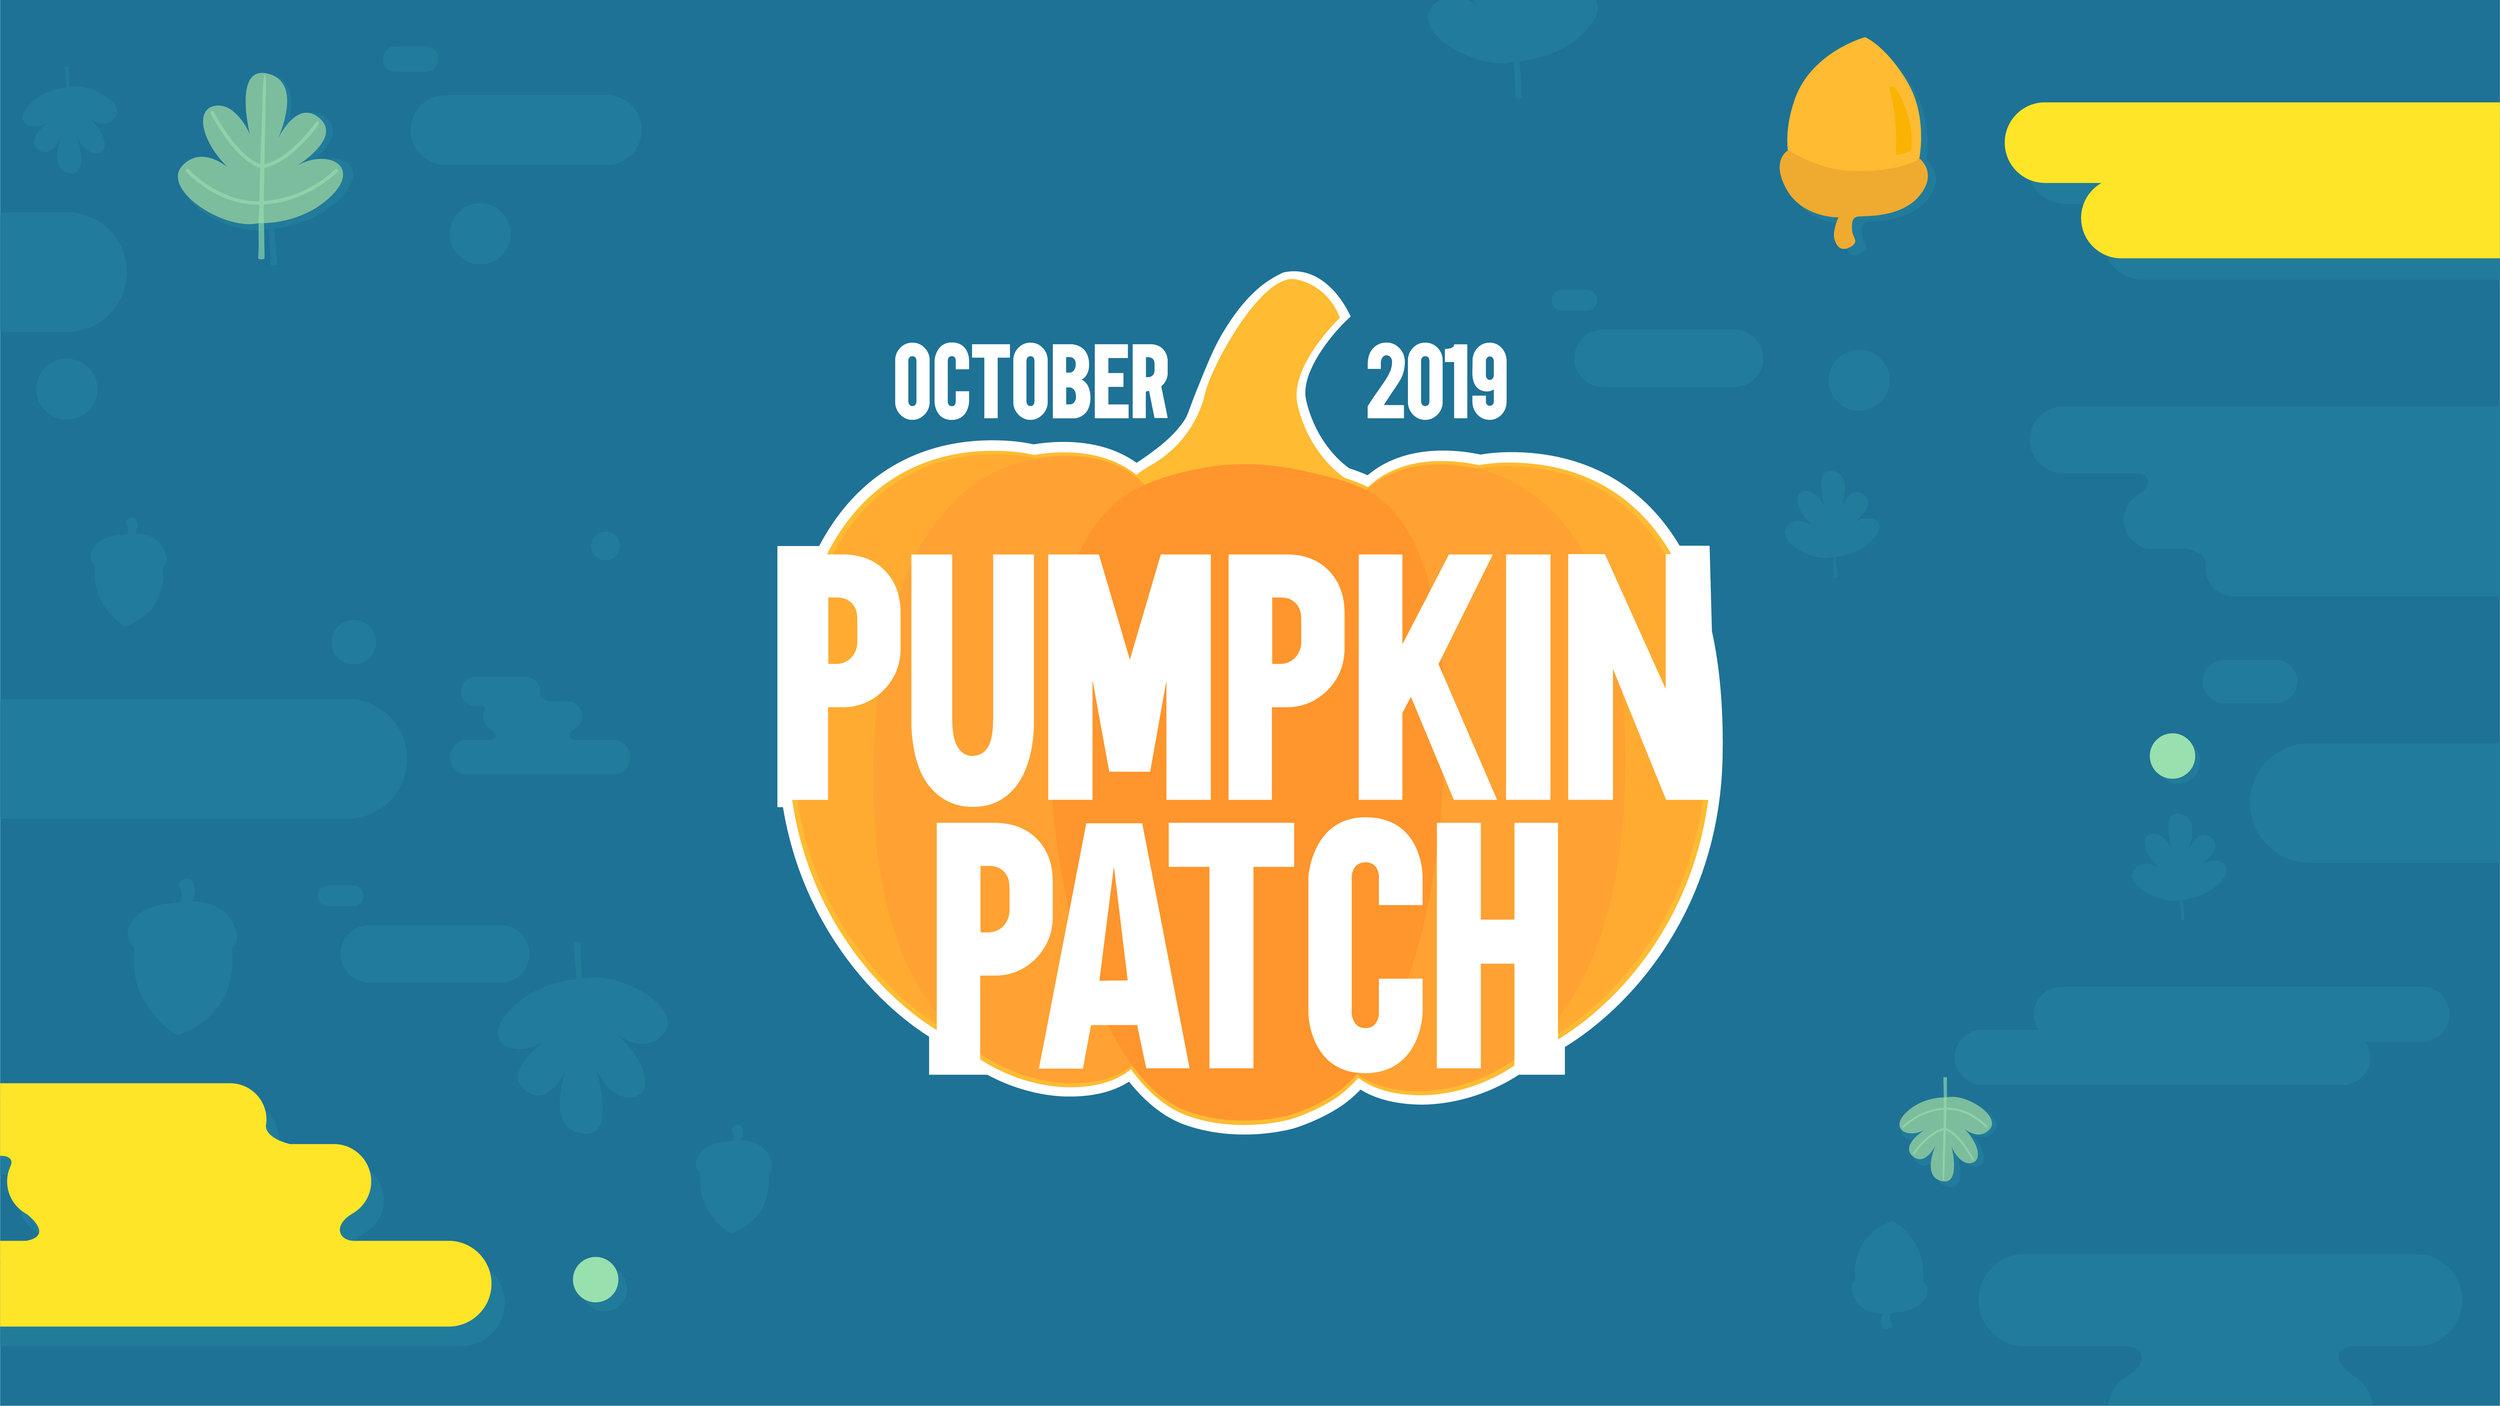 Fall Fest + Pumpkin Patch - Key Art_Pumpkin Patch Title.jpg